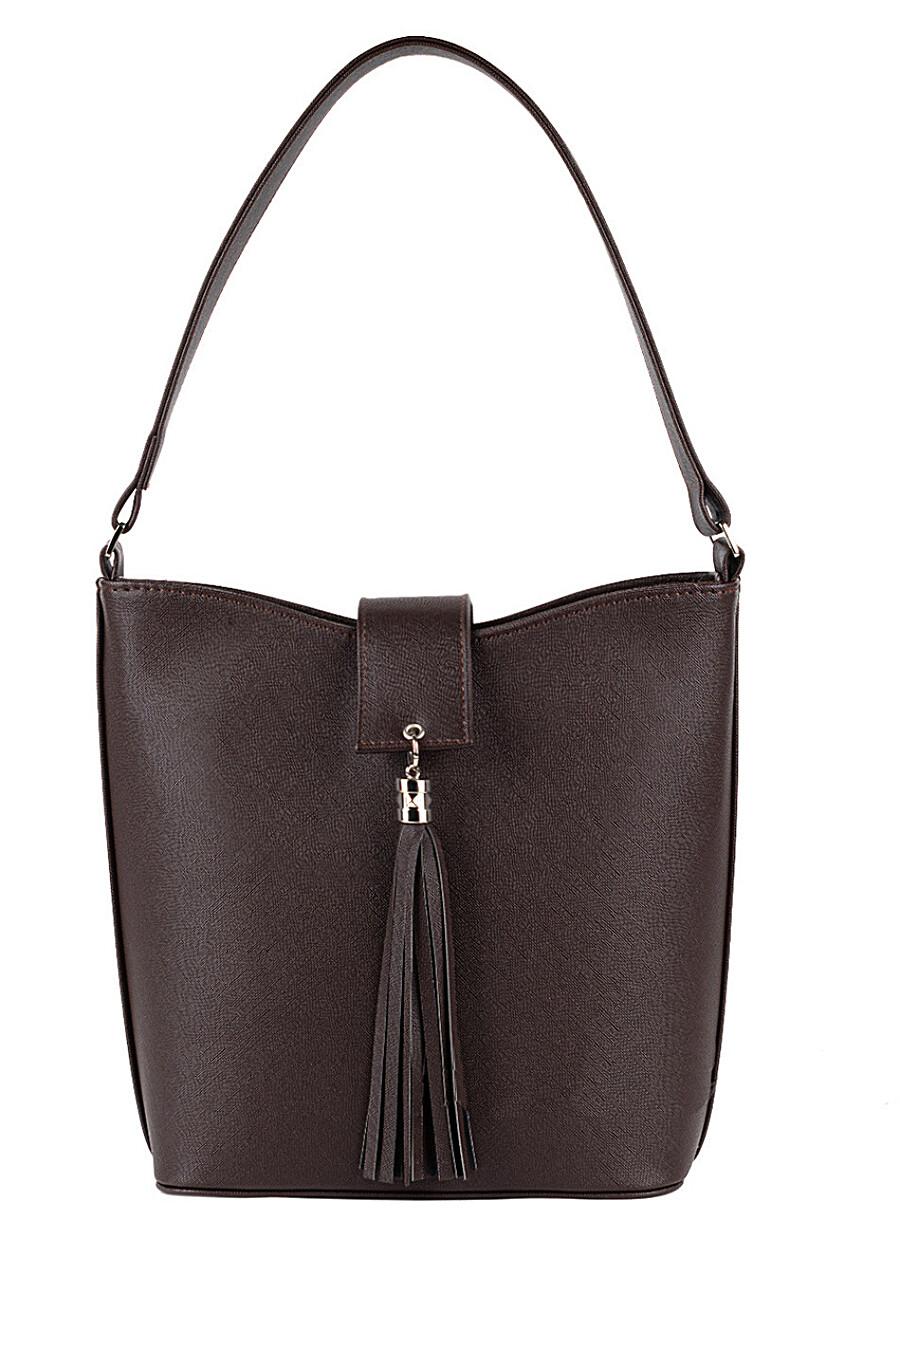 Сумка для женщин L-CRAFT 260404 купить оптом от производителя. Совместная покупка женской одежды в OptMoyo